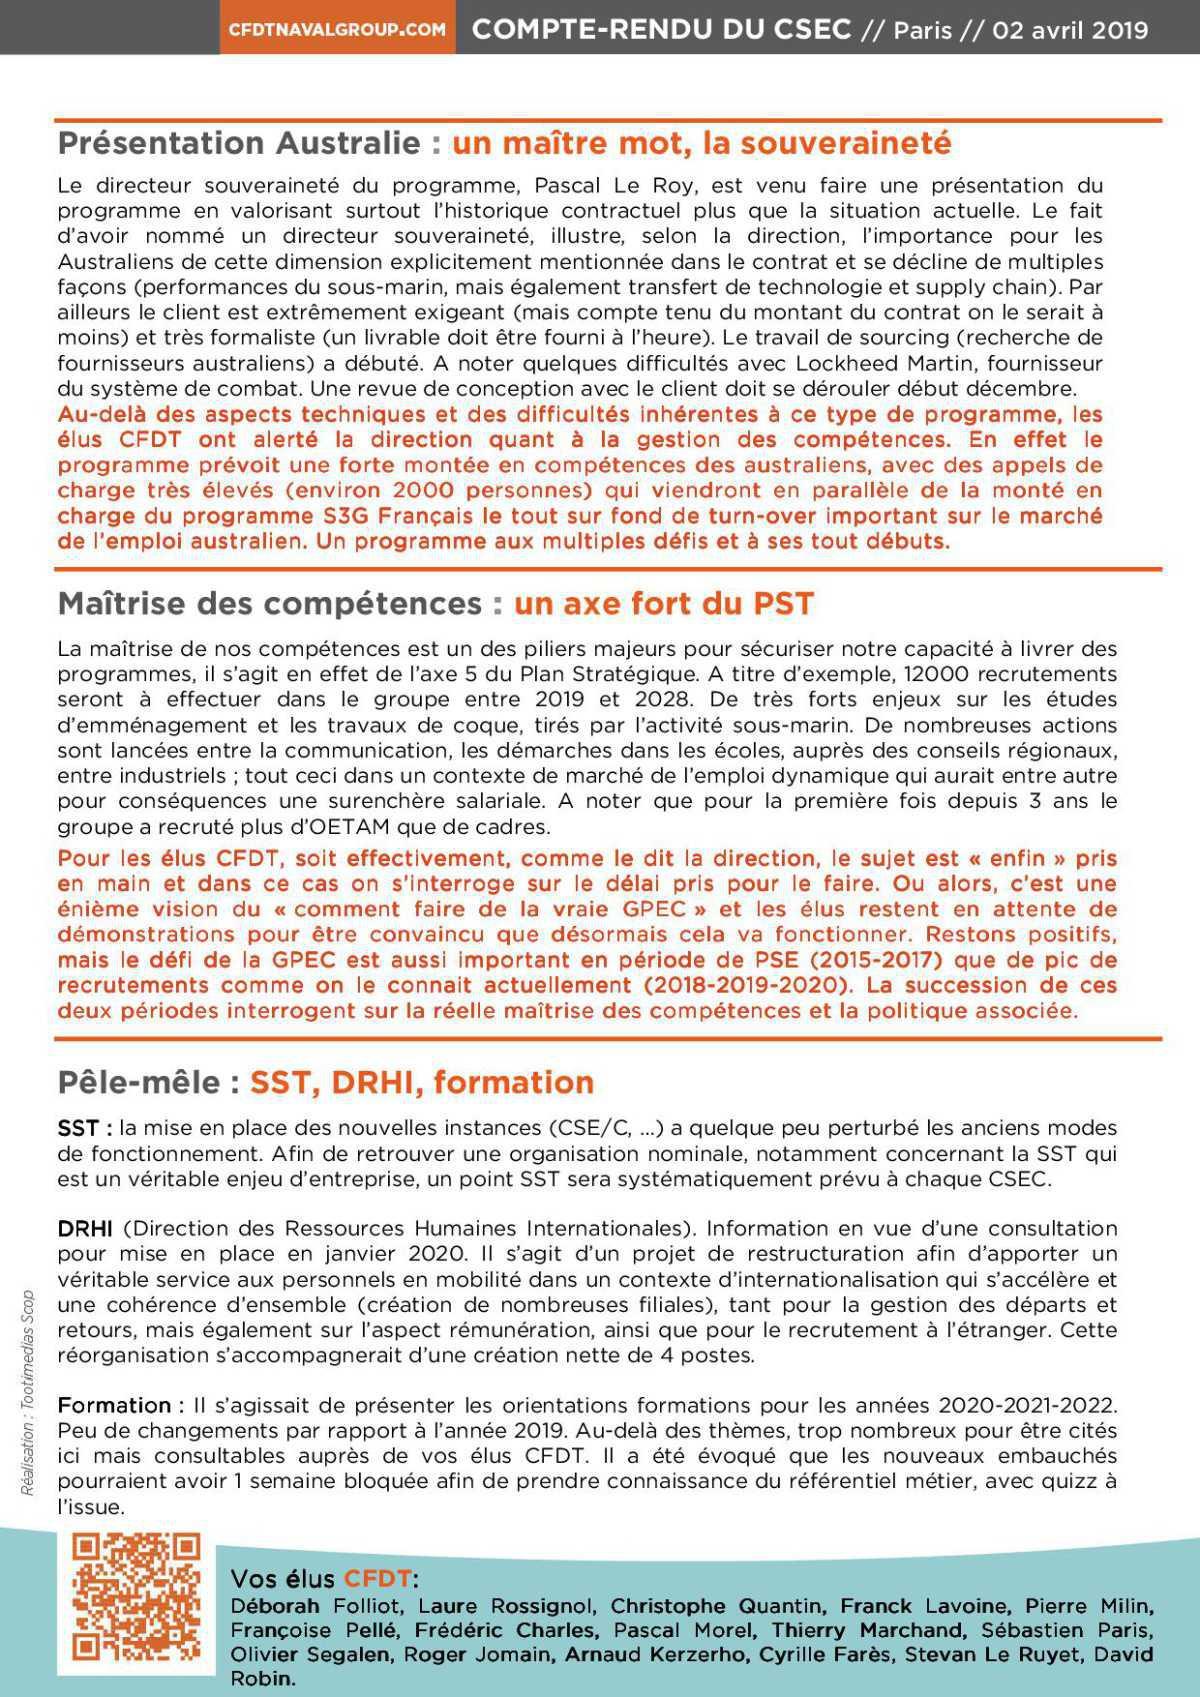 Un CSEC qui laisse sur sa faim : les compétences en « fil rouge »